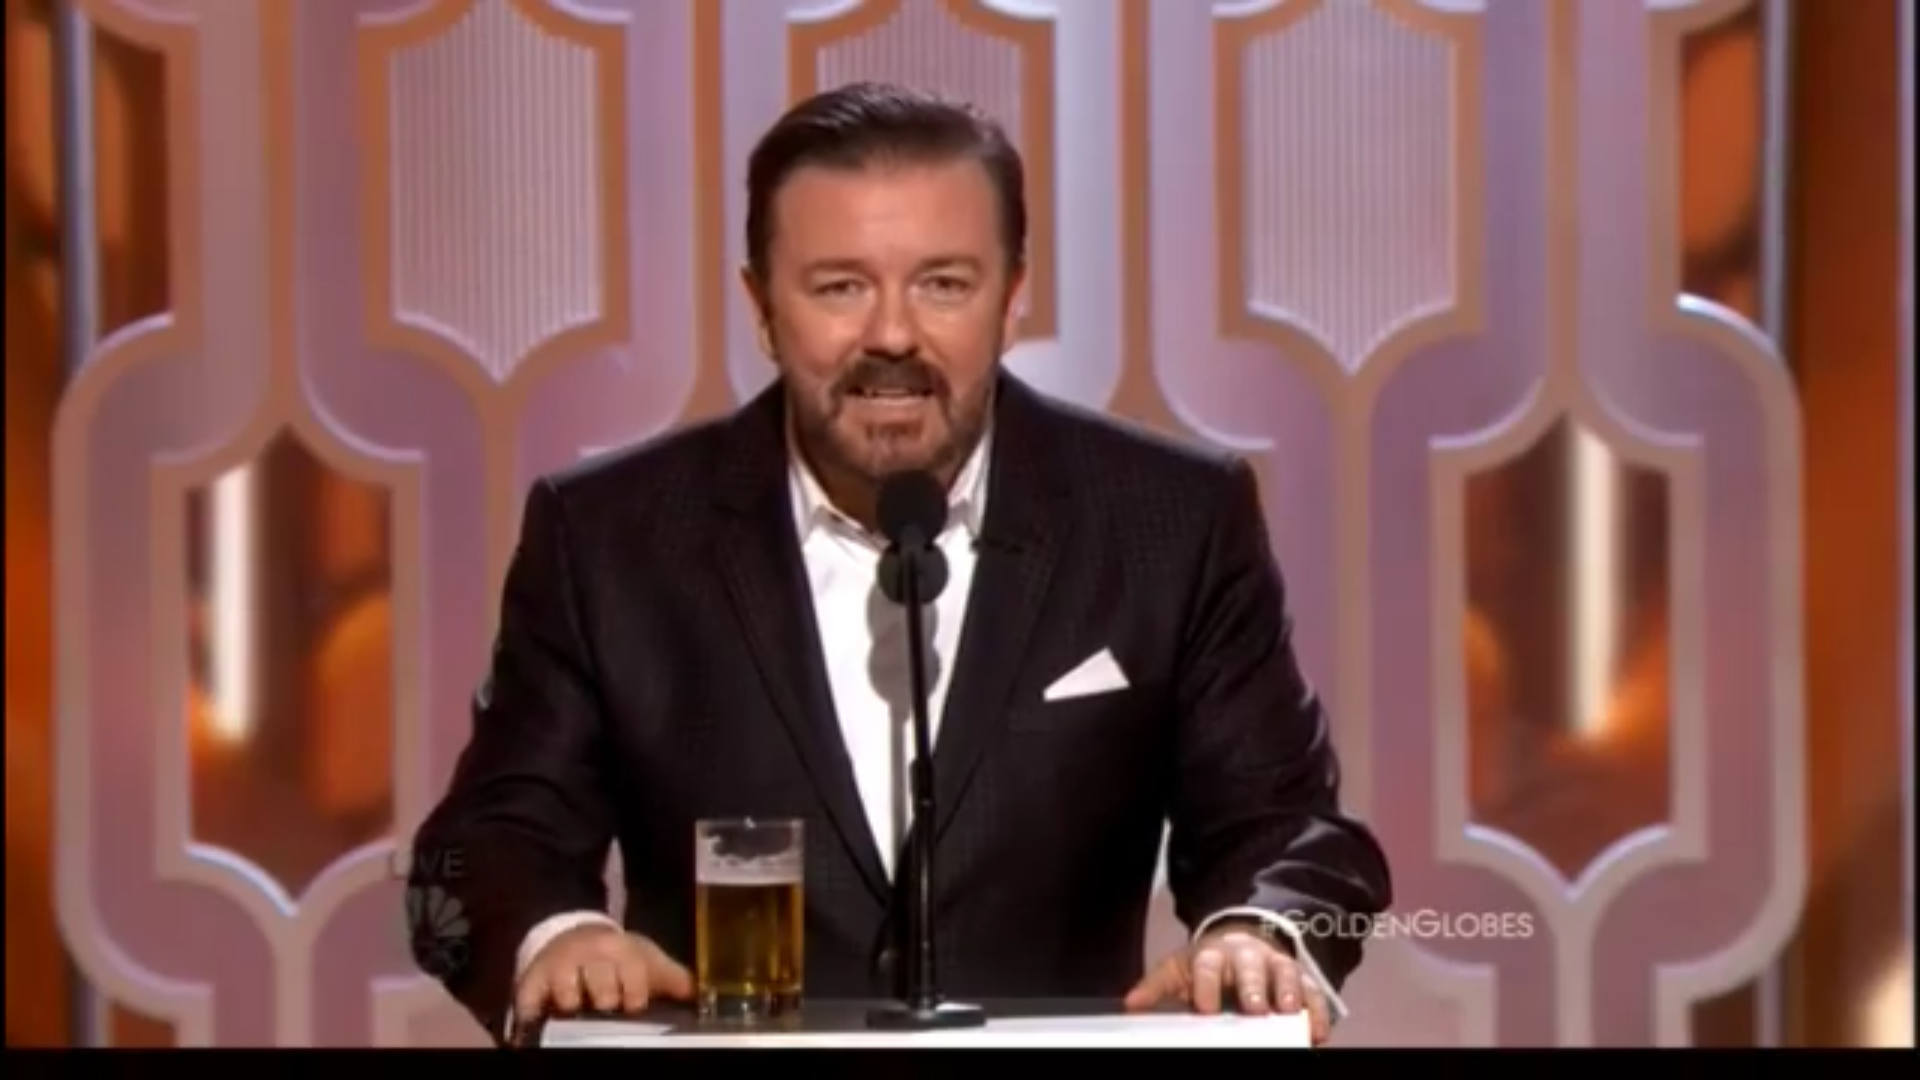 Ricky Gervais en el escenario durante su ácido monólogo de apertura